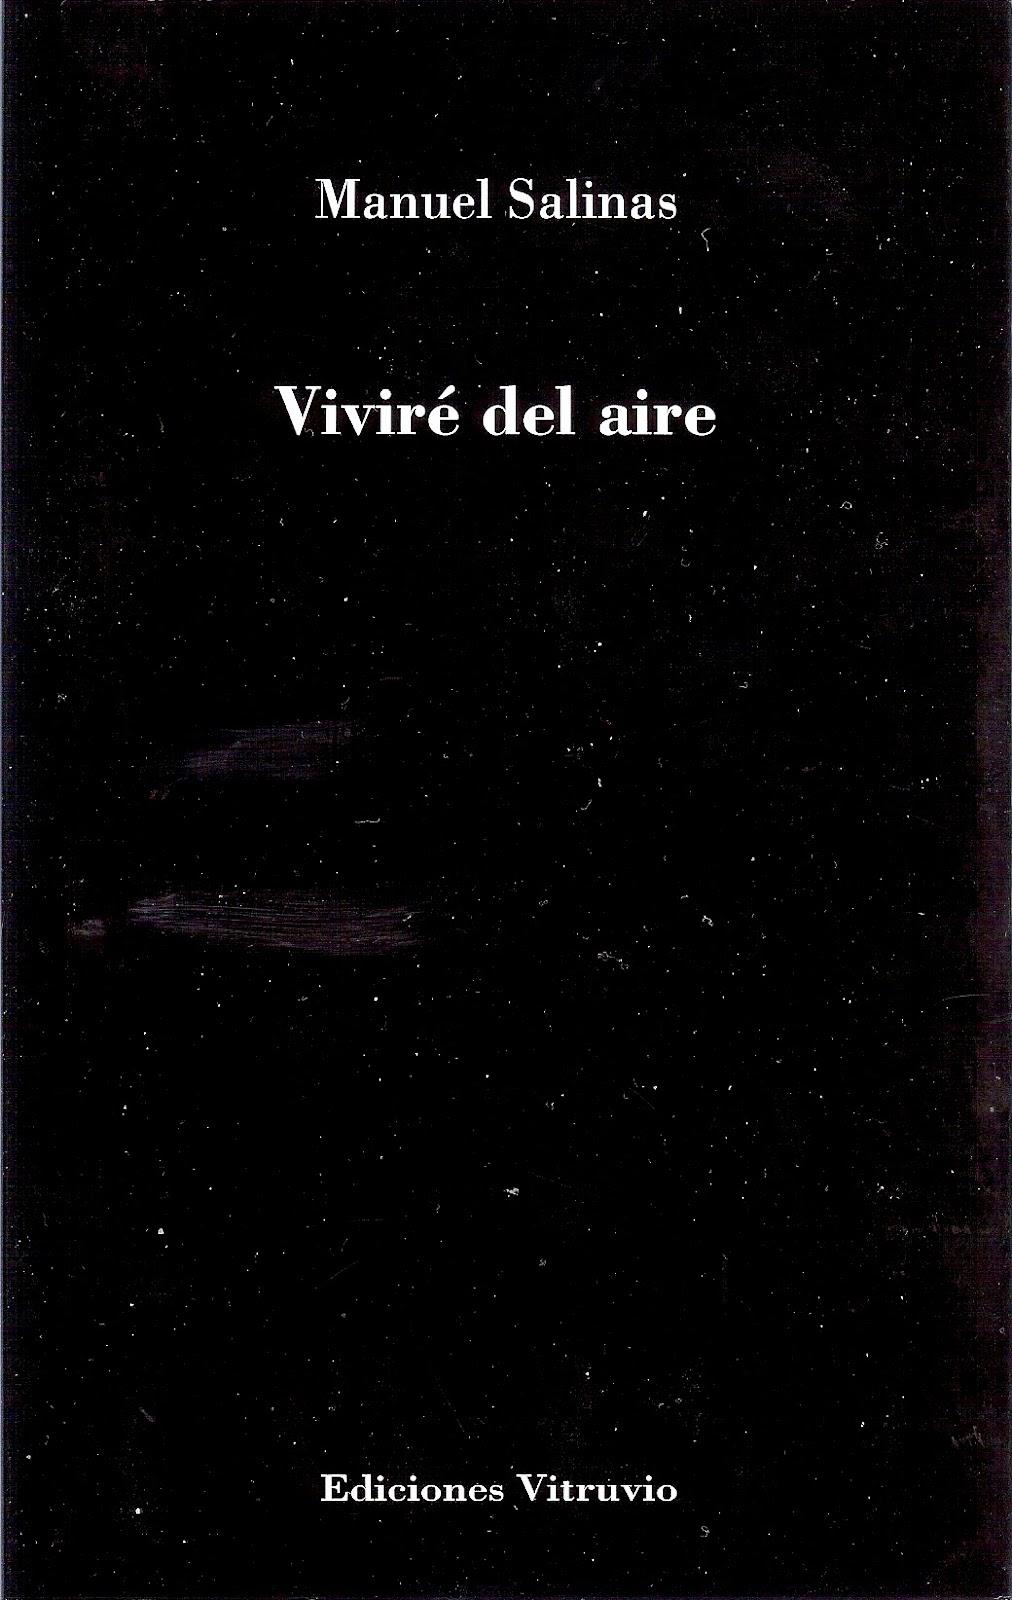 Manuel Salinas y su vivir del aire, Ancile